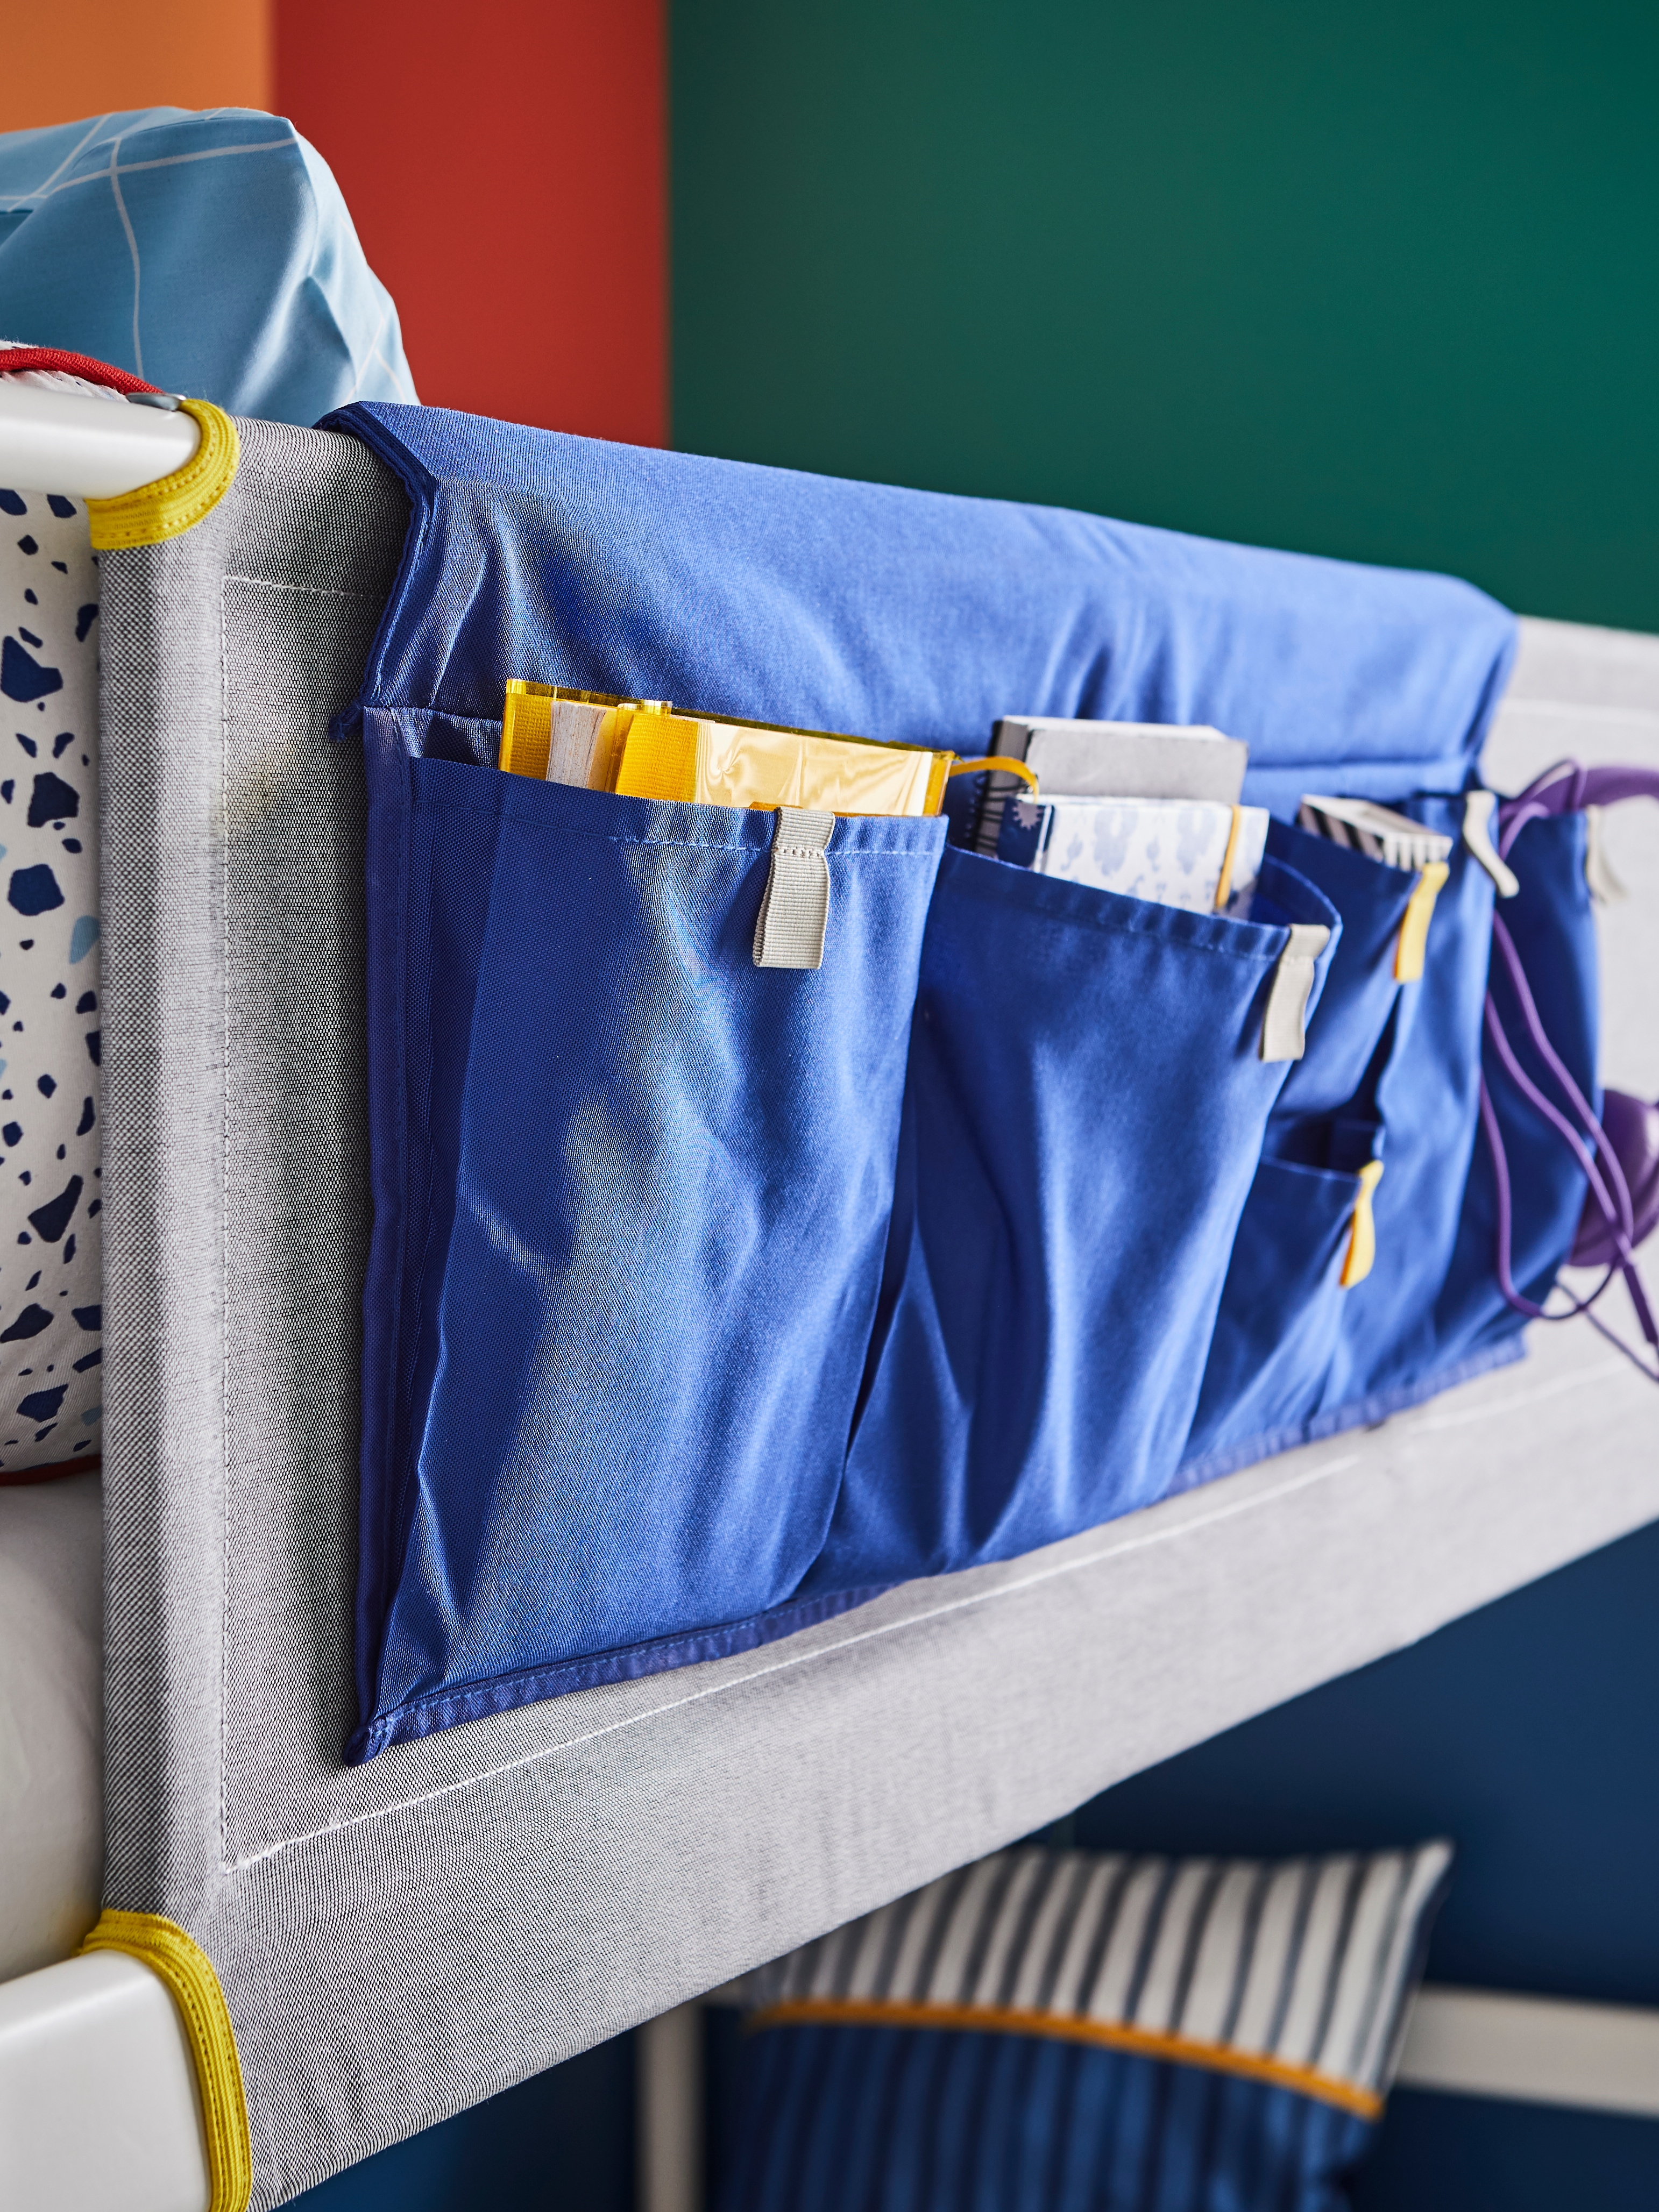 Plavi MÖJLIGHET džep za krevet s džepovima različitih veličina u kojem su knjige koje se nalaze na zaštitnoj ogradi kreveta na kat.